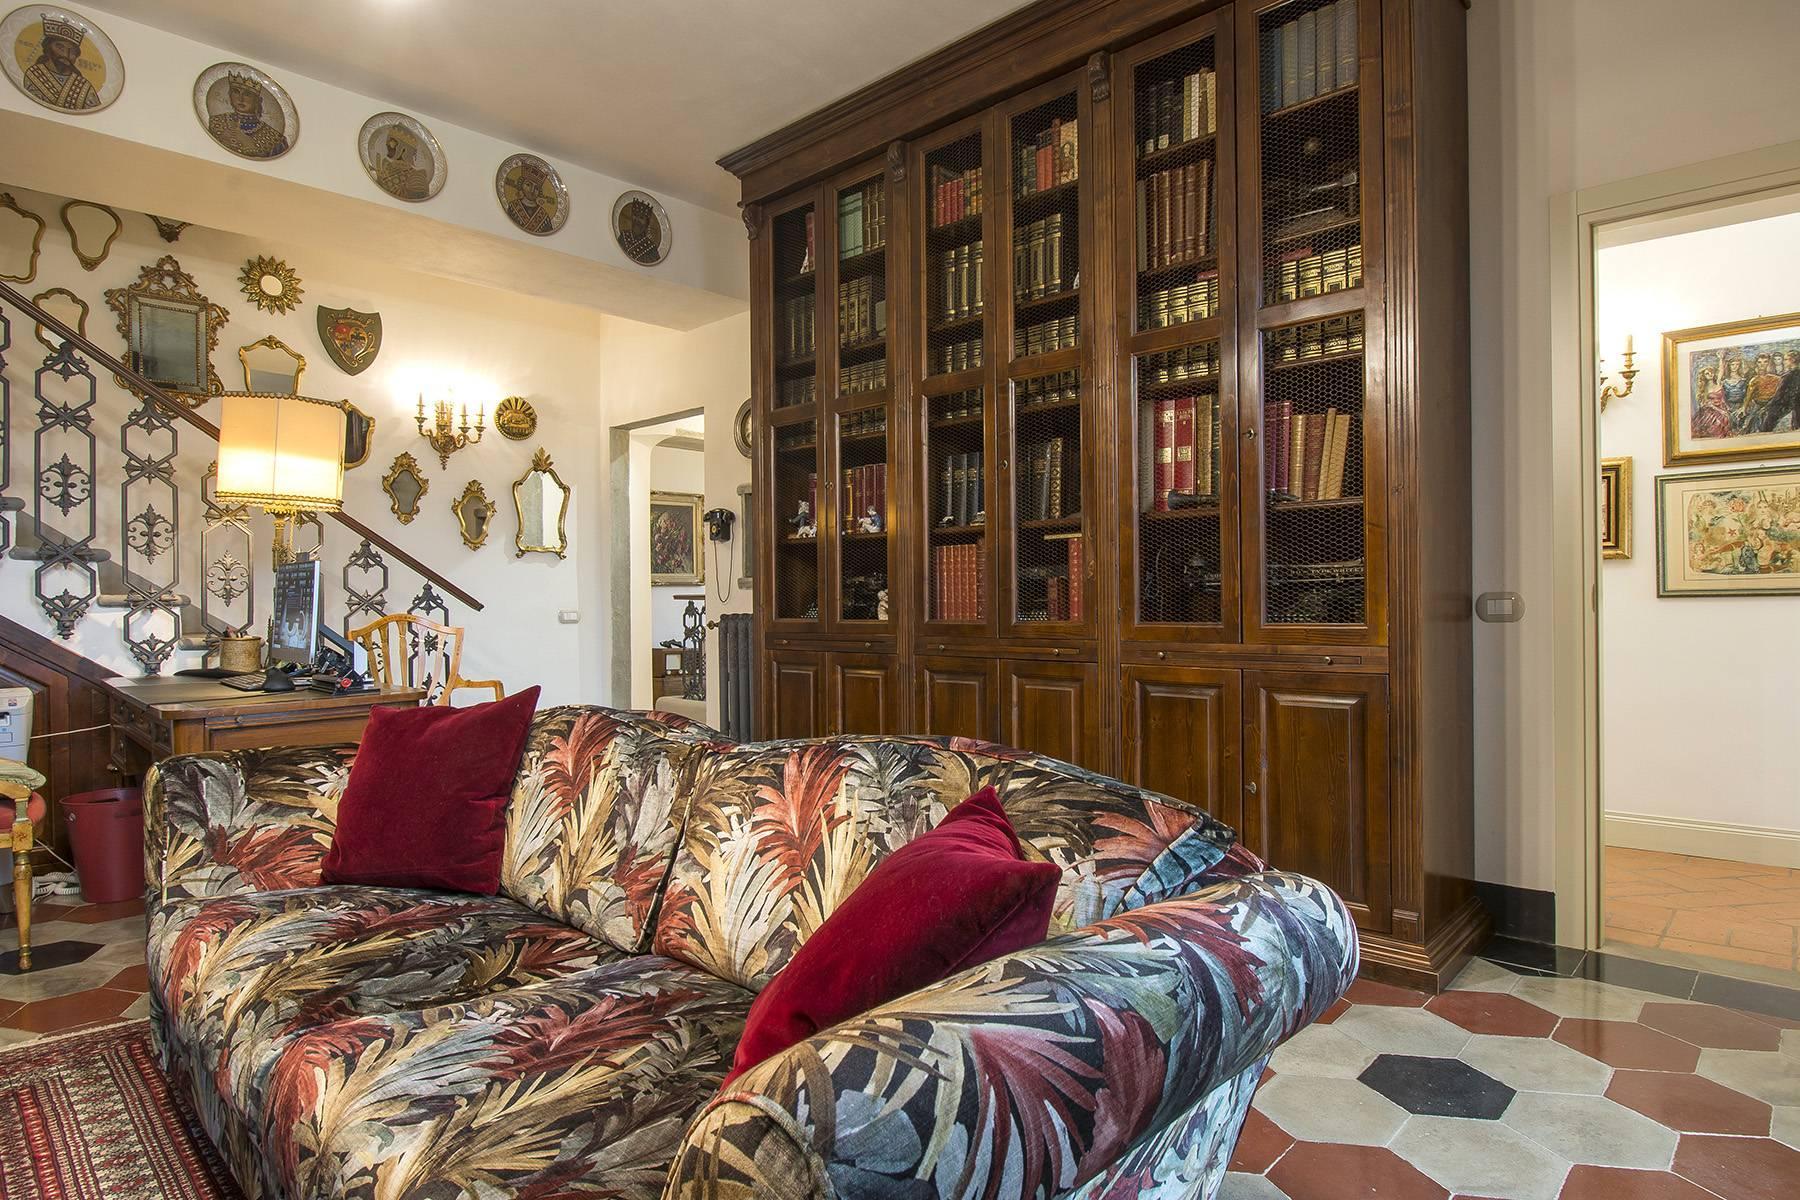 Elegante Wohnung innerhalb einer antiken Villa - 3